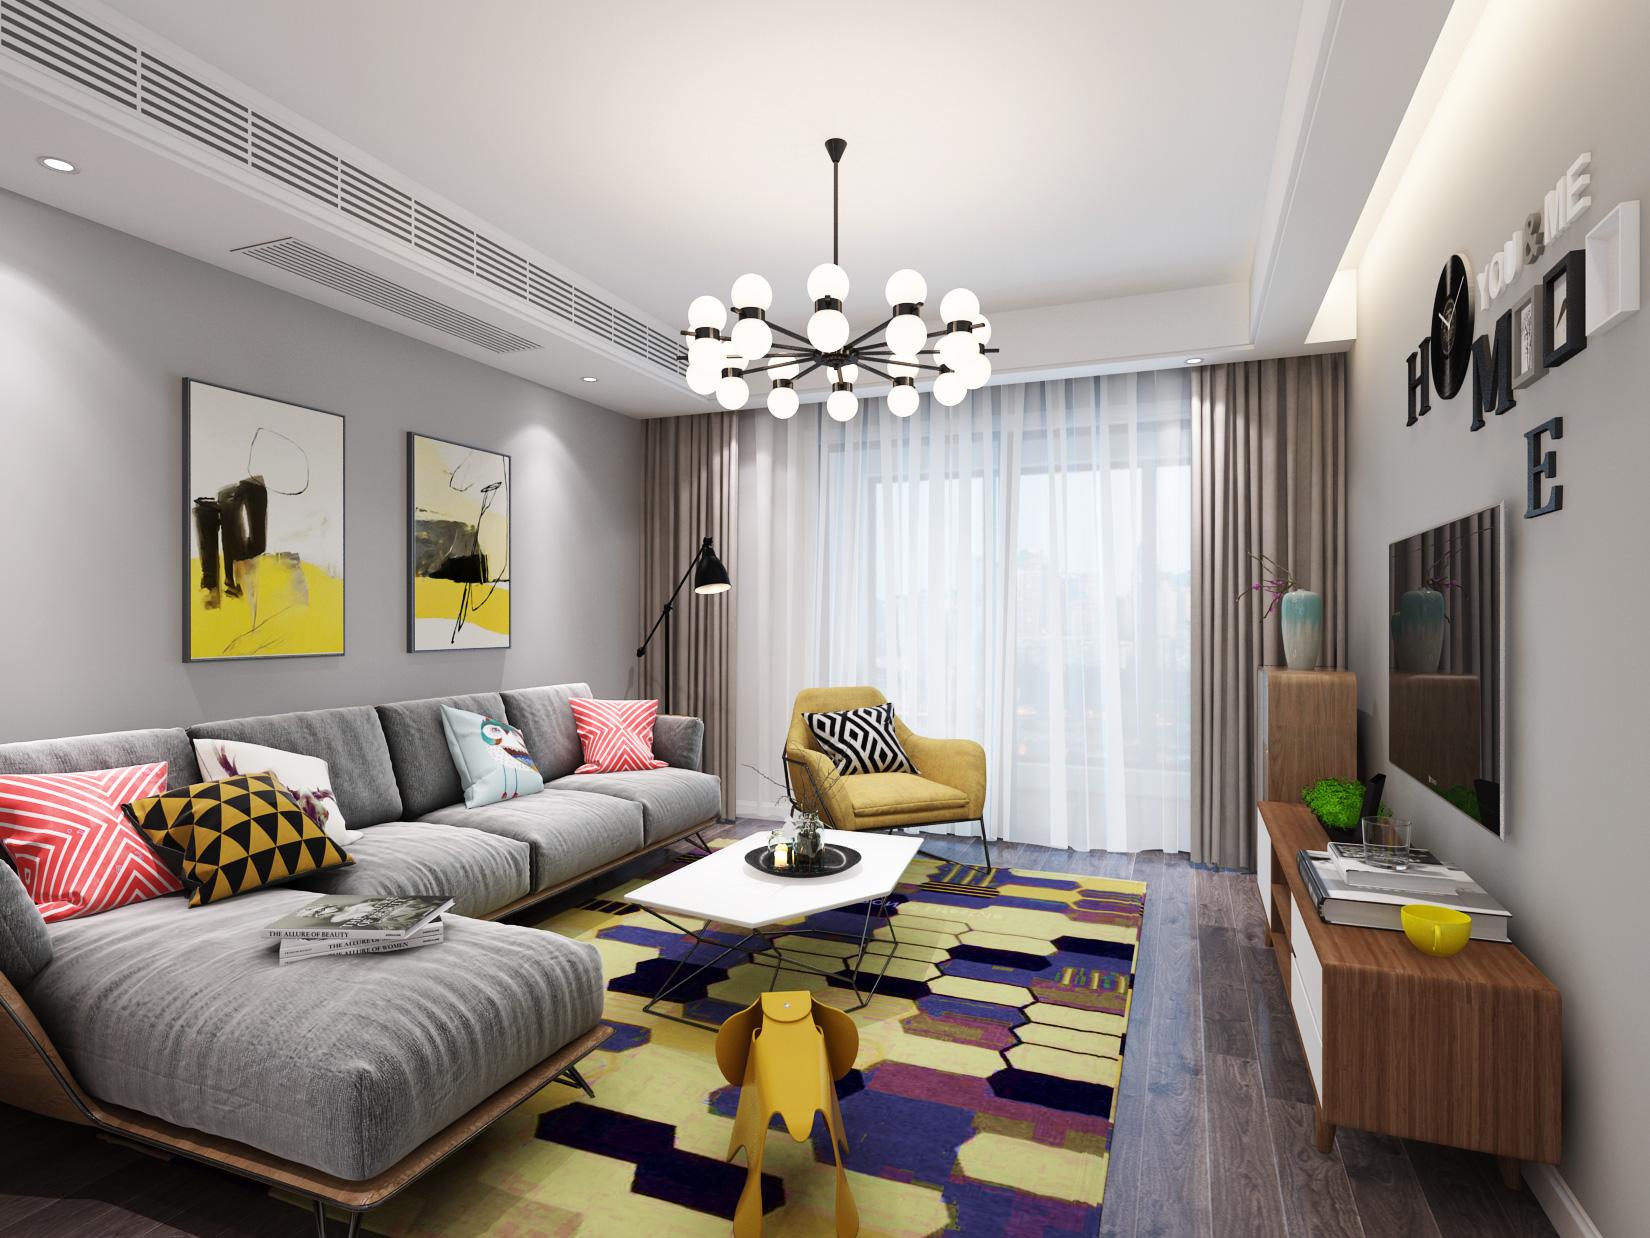 170平米房子装修预算是多少?